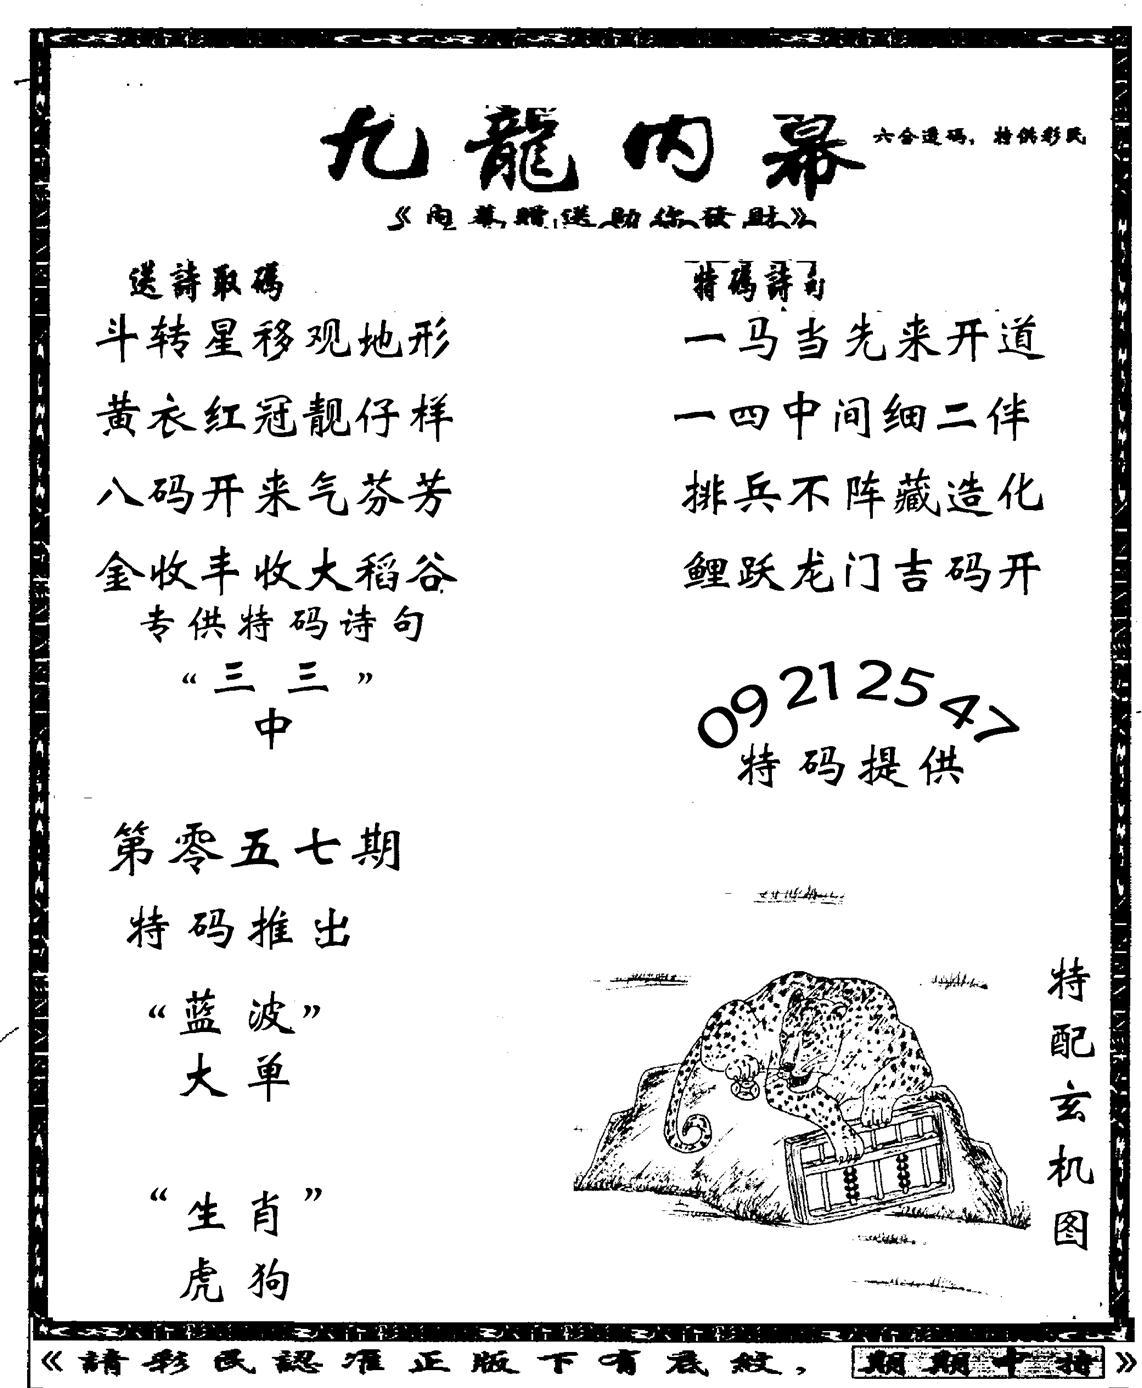 057期老九龙内幕(黑白)